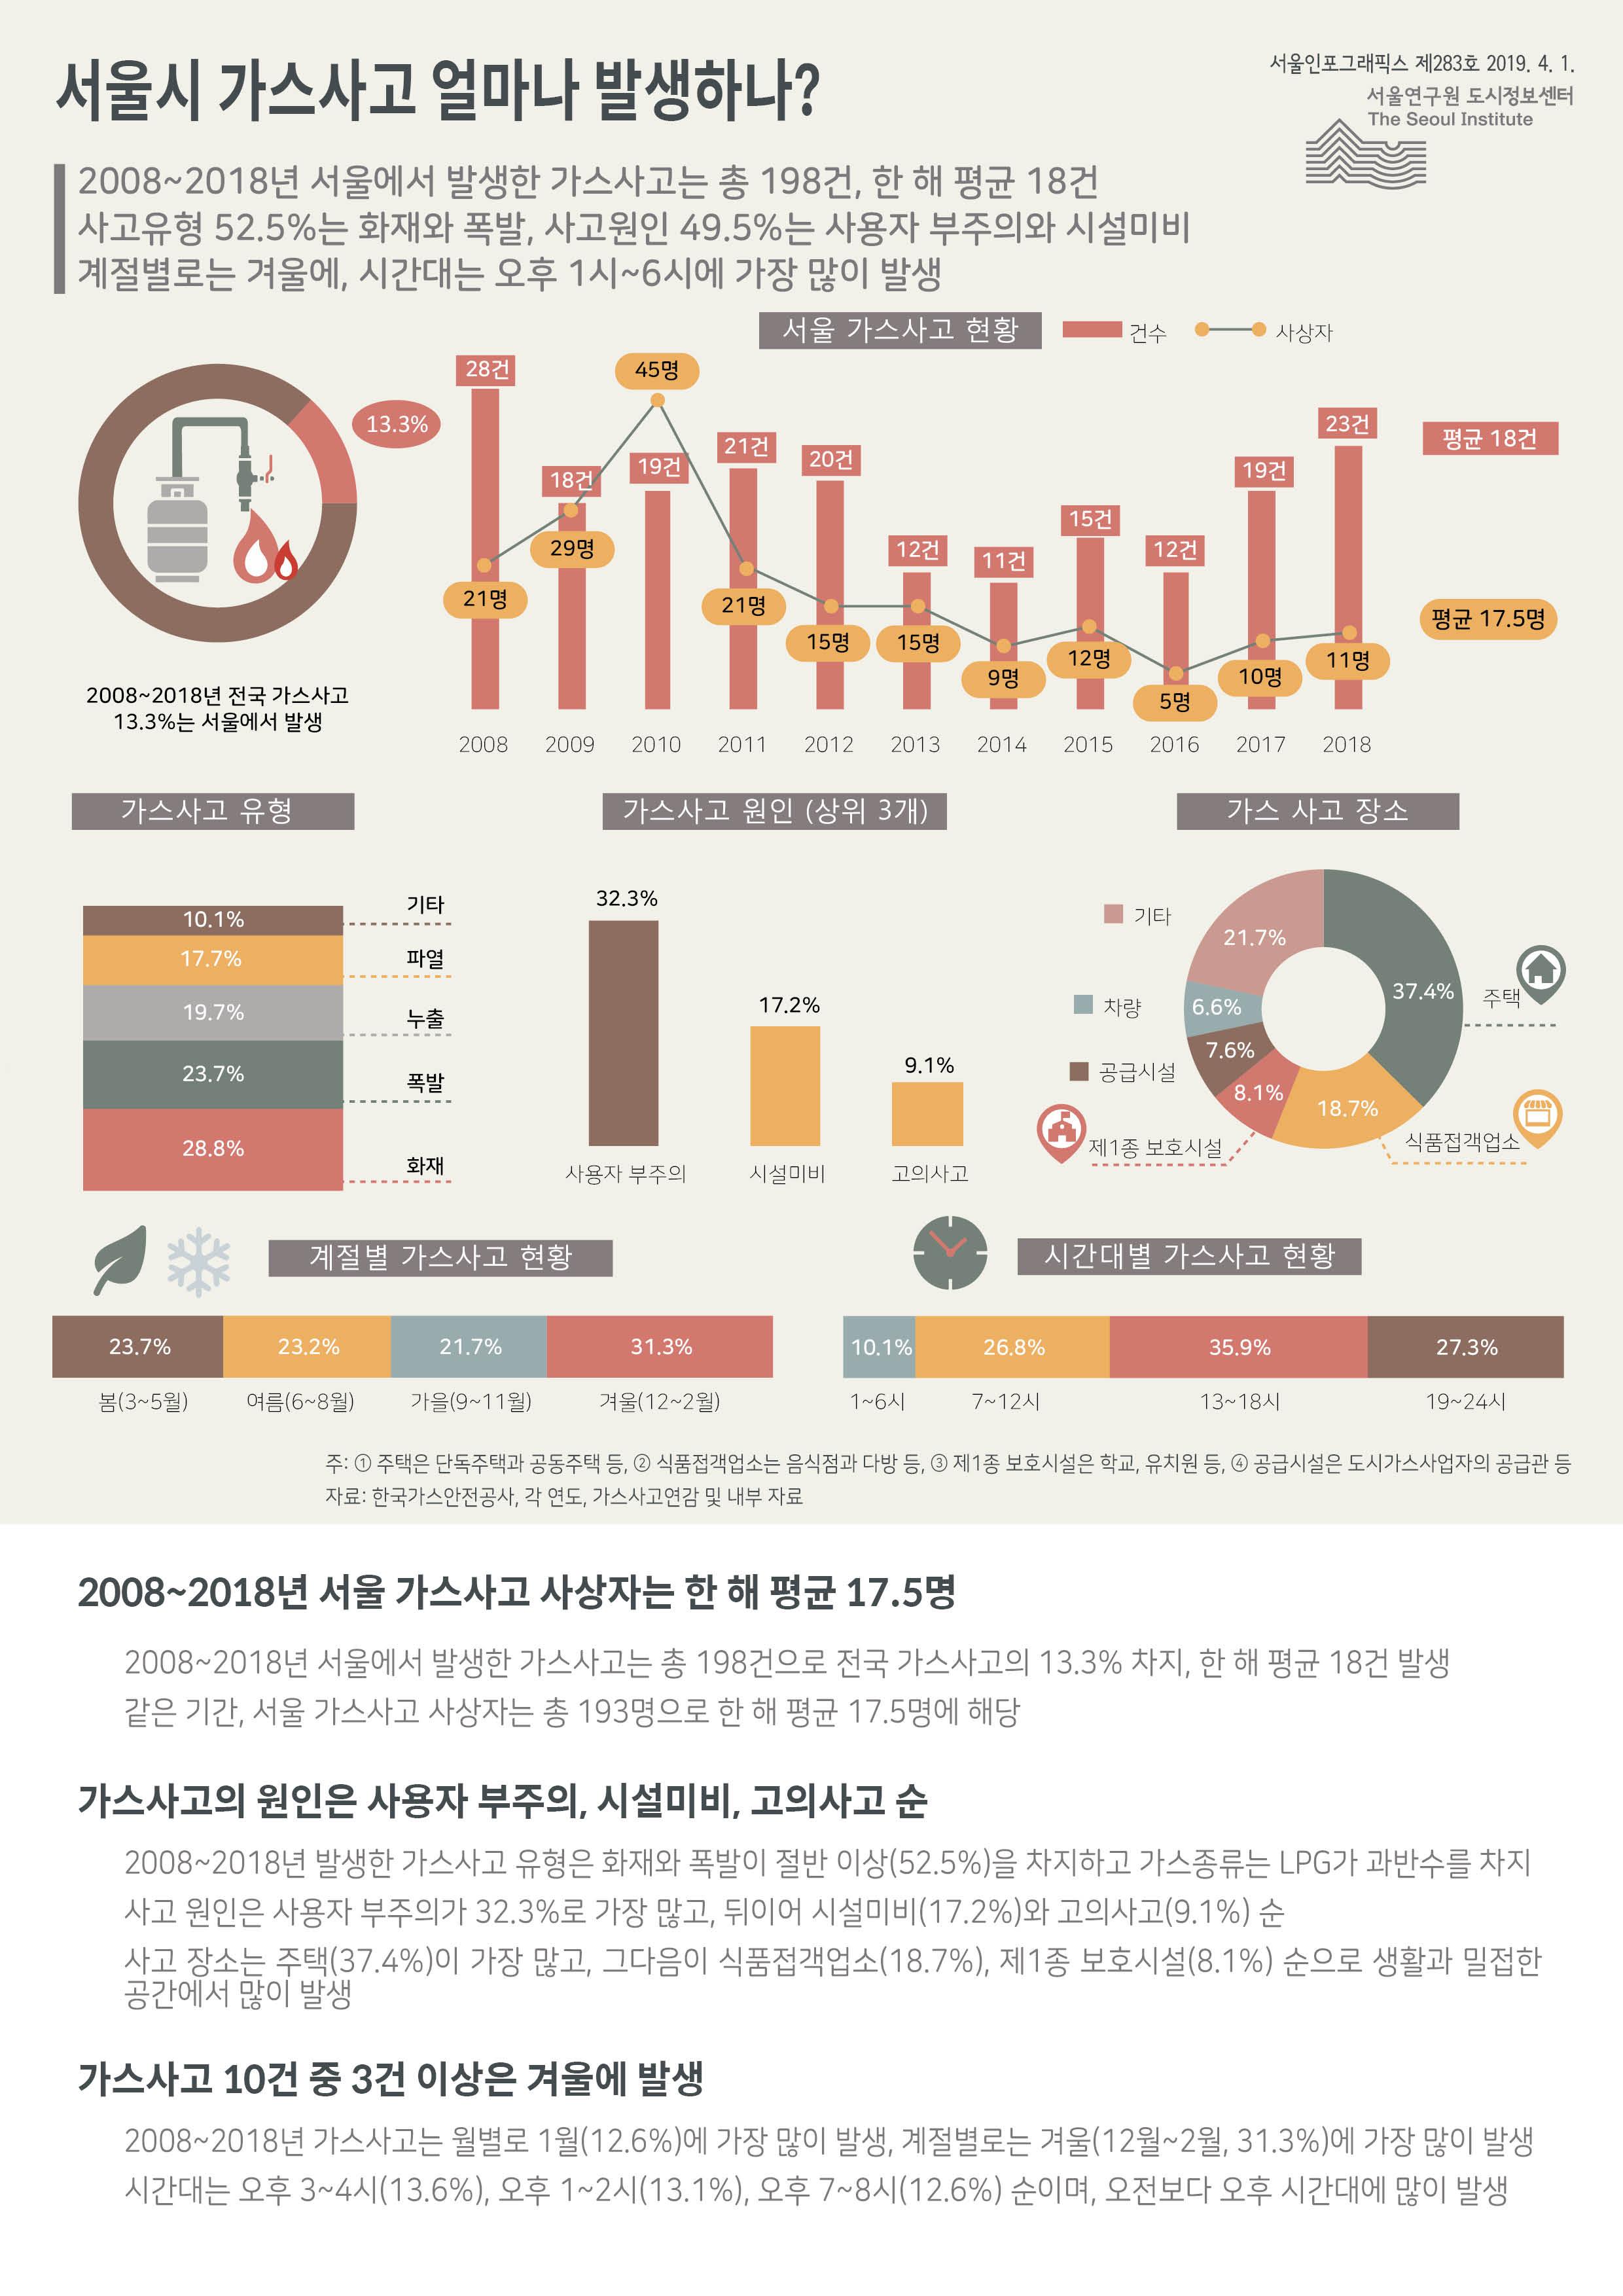 서울시 가스사고 얼마나 발생하나? 서울인포그래픽스 제283호 2019년 4월 1일 2008년부터 2018년까지 서울 가스사고는 총 198건으로 전국 가스사고의 13.3% 차지. 사상자는 한 해 평균 17.5명. 가스사고의 원인은 사용자 부주의, 시설미비, 고의사고 순. 가스사고 10건 중 3건 이상은 겨울에 발생으로 정리 될 수 있습니다. 인포그래픽으로 제공되는 그래픽은 하단에 표로 자세히 제공됩니다.